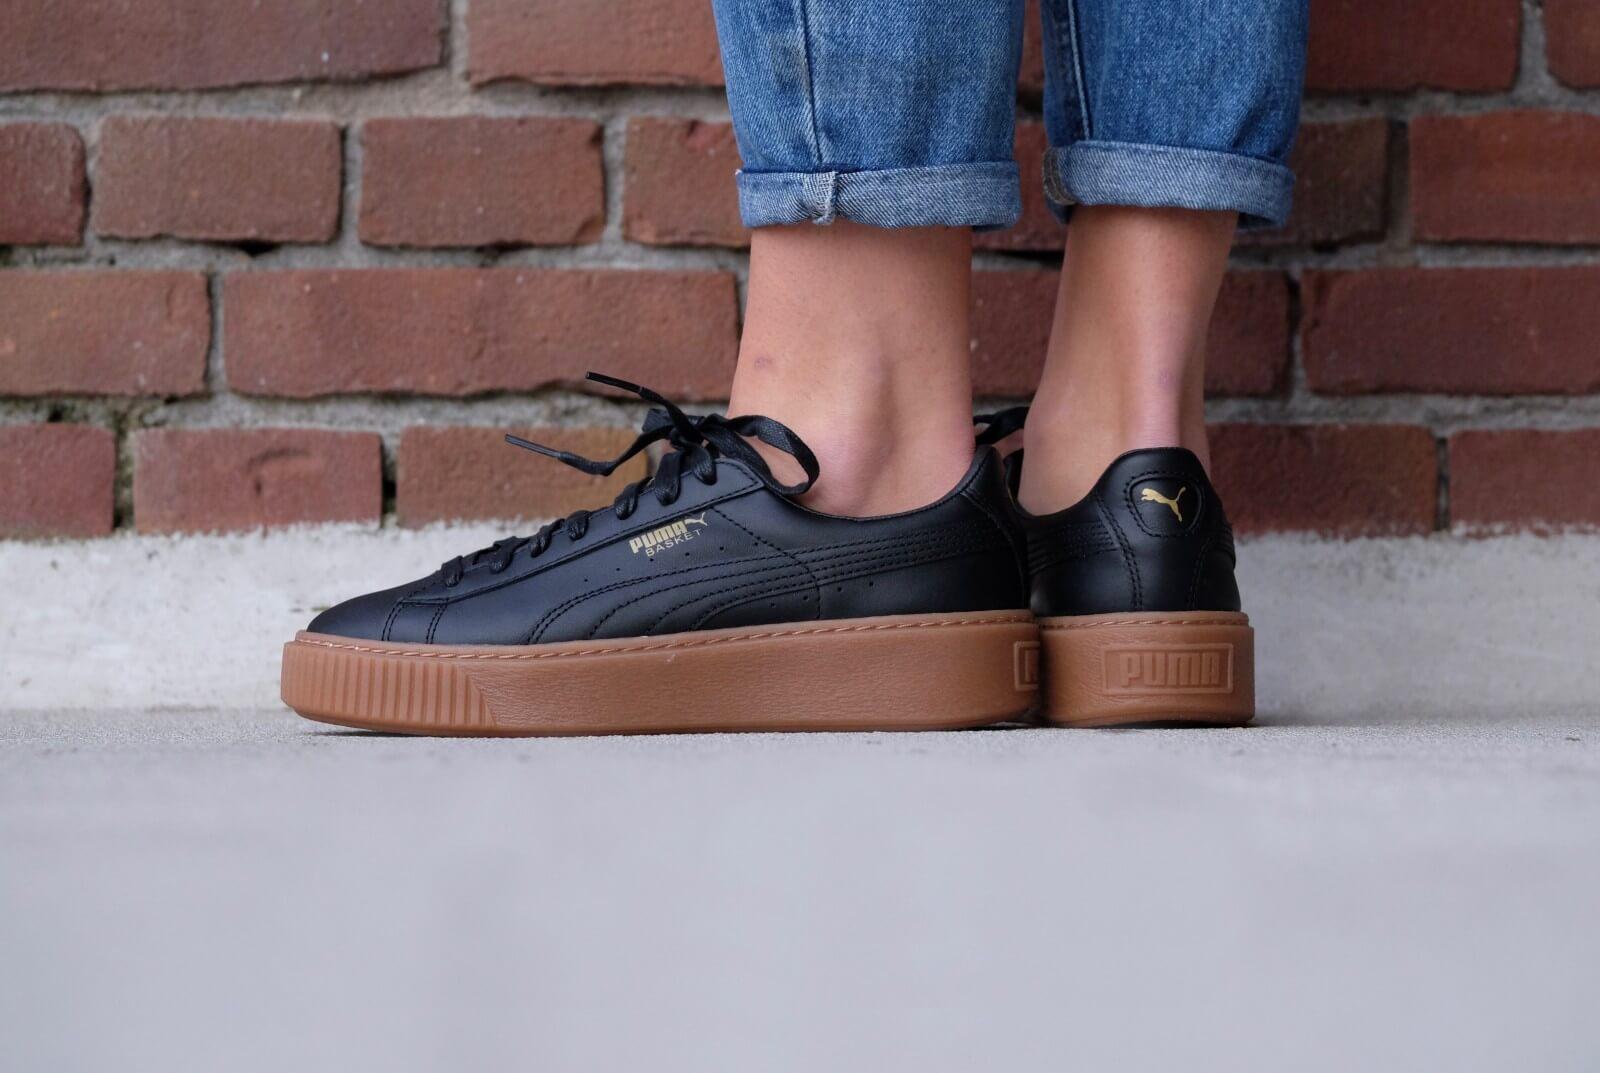 Puma Basket Platform Core Shoes Black 364040 02